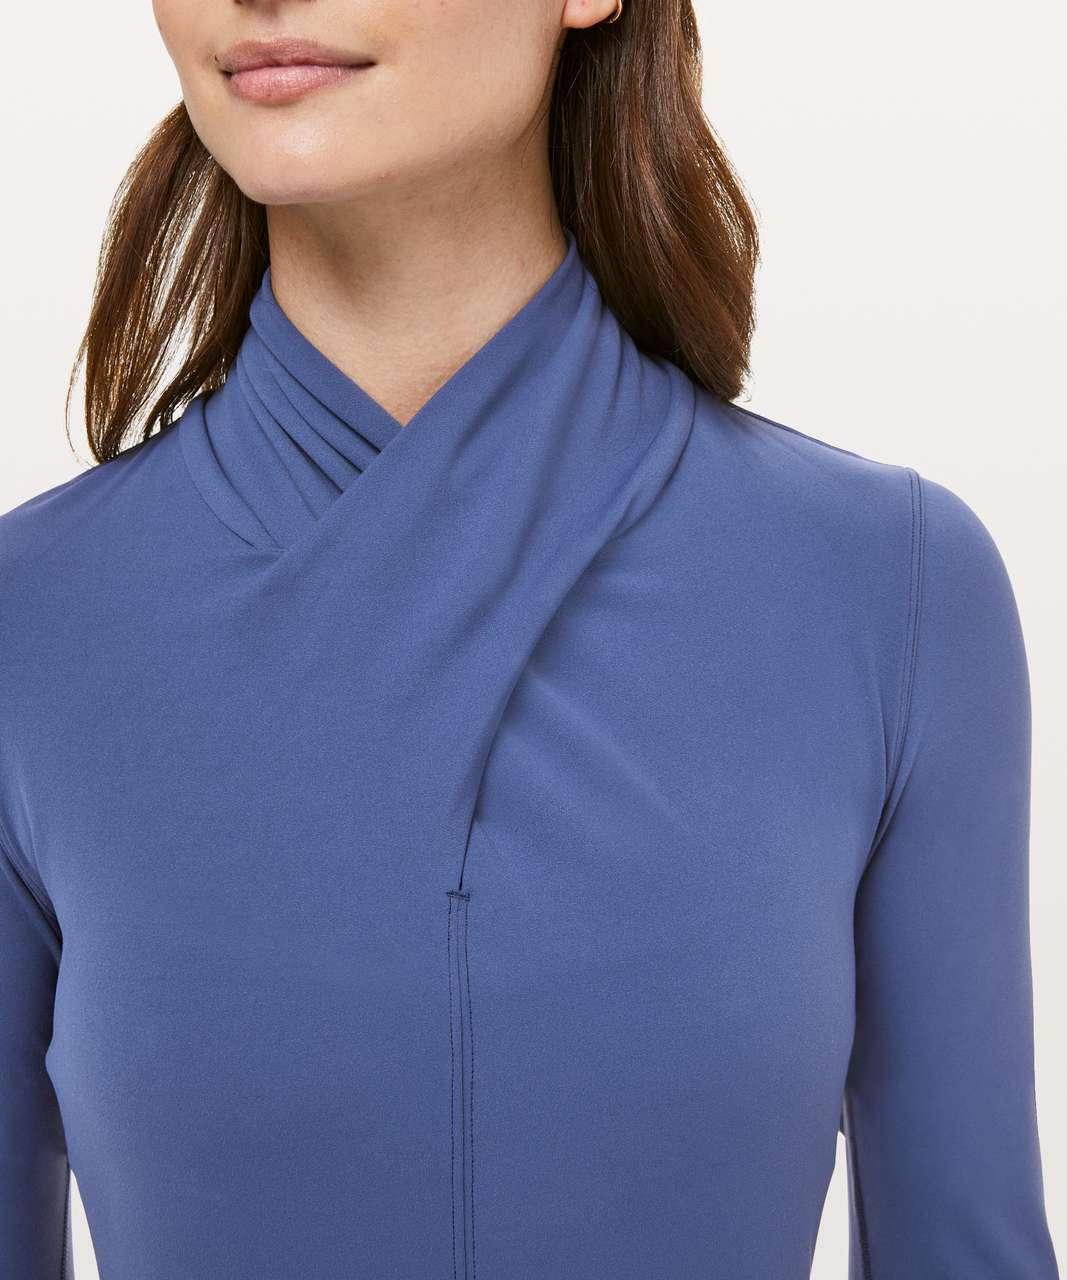 Lululemon Ethereal Long Sleeve - Gatsby Blue